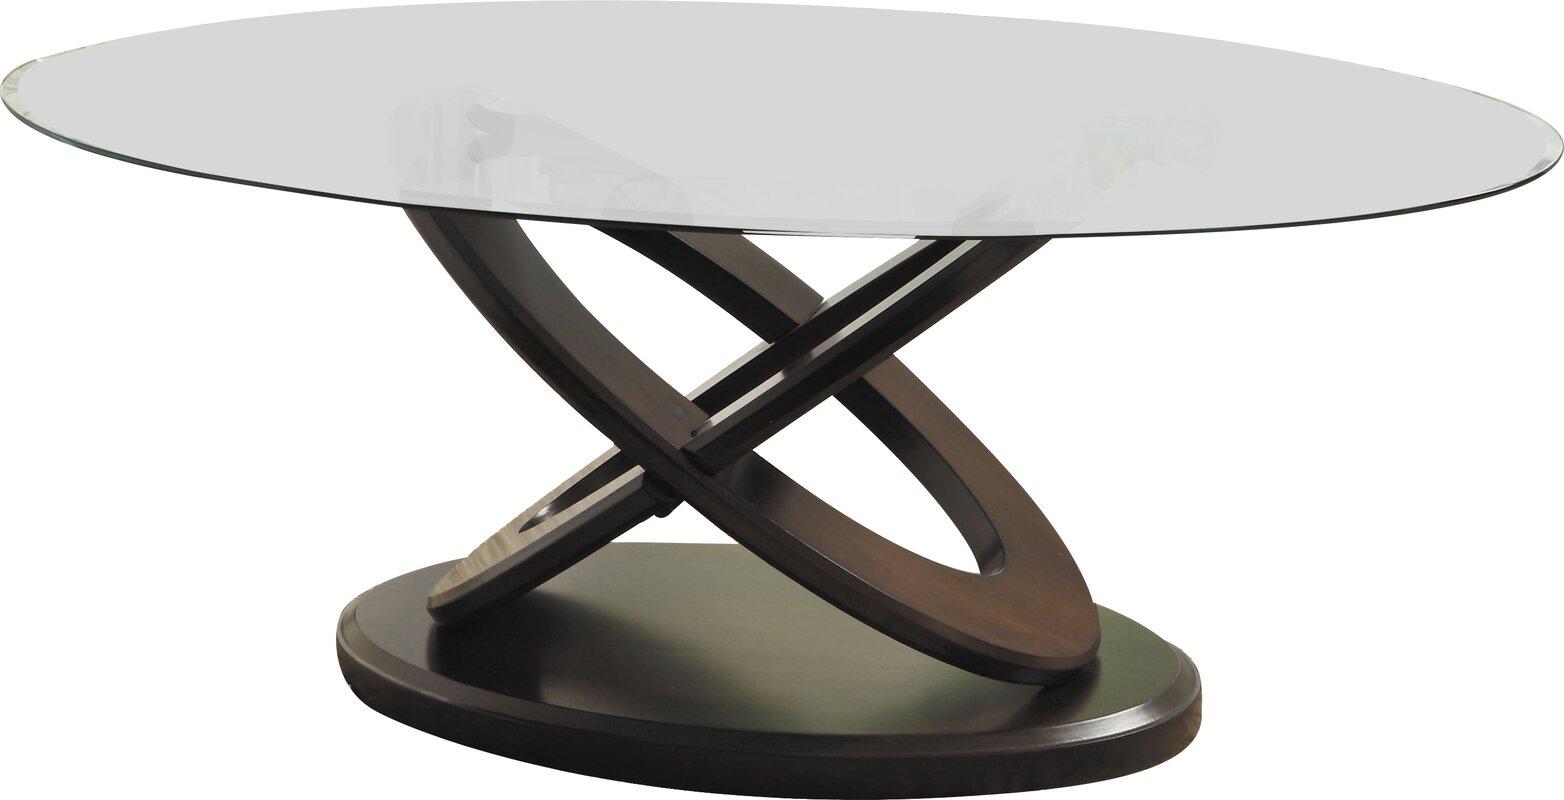 Orren Ellis Dalton Coffee Table Reviews